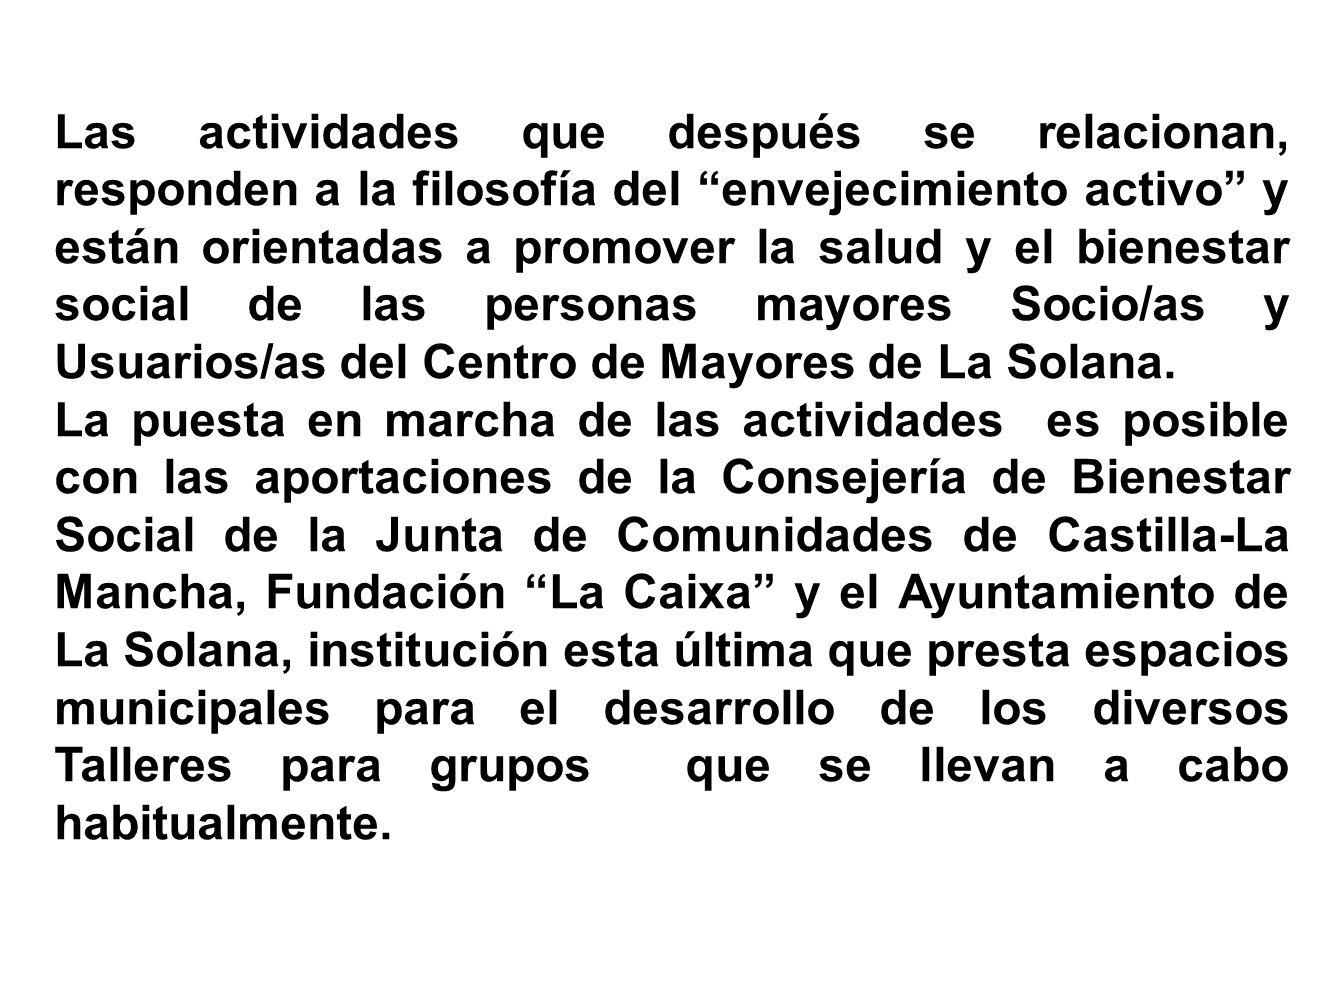 El Consejo de Mayores de La Solana, en seguimiento de cuanto establece el Estatuto Básico de Centros de Mayores de Castilla-La Mancha (D.O.C.M.